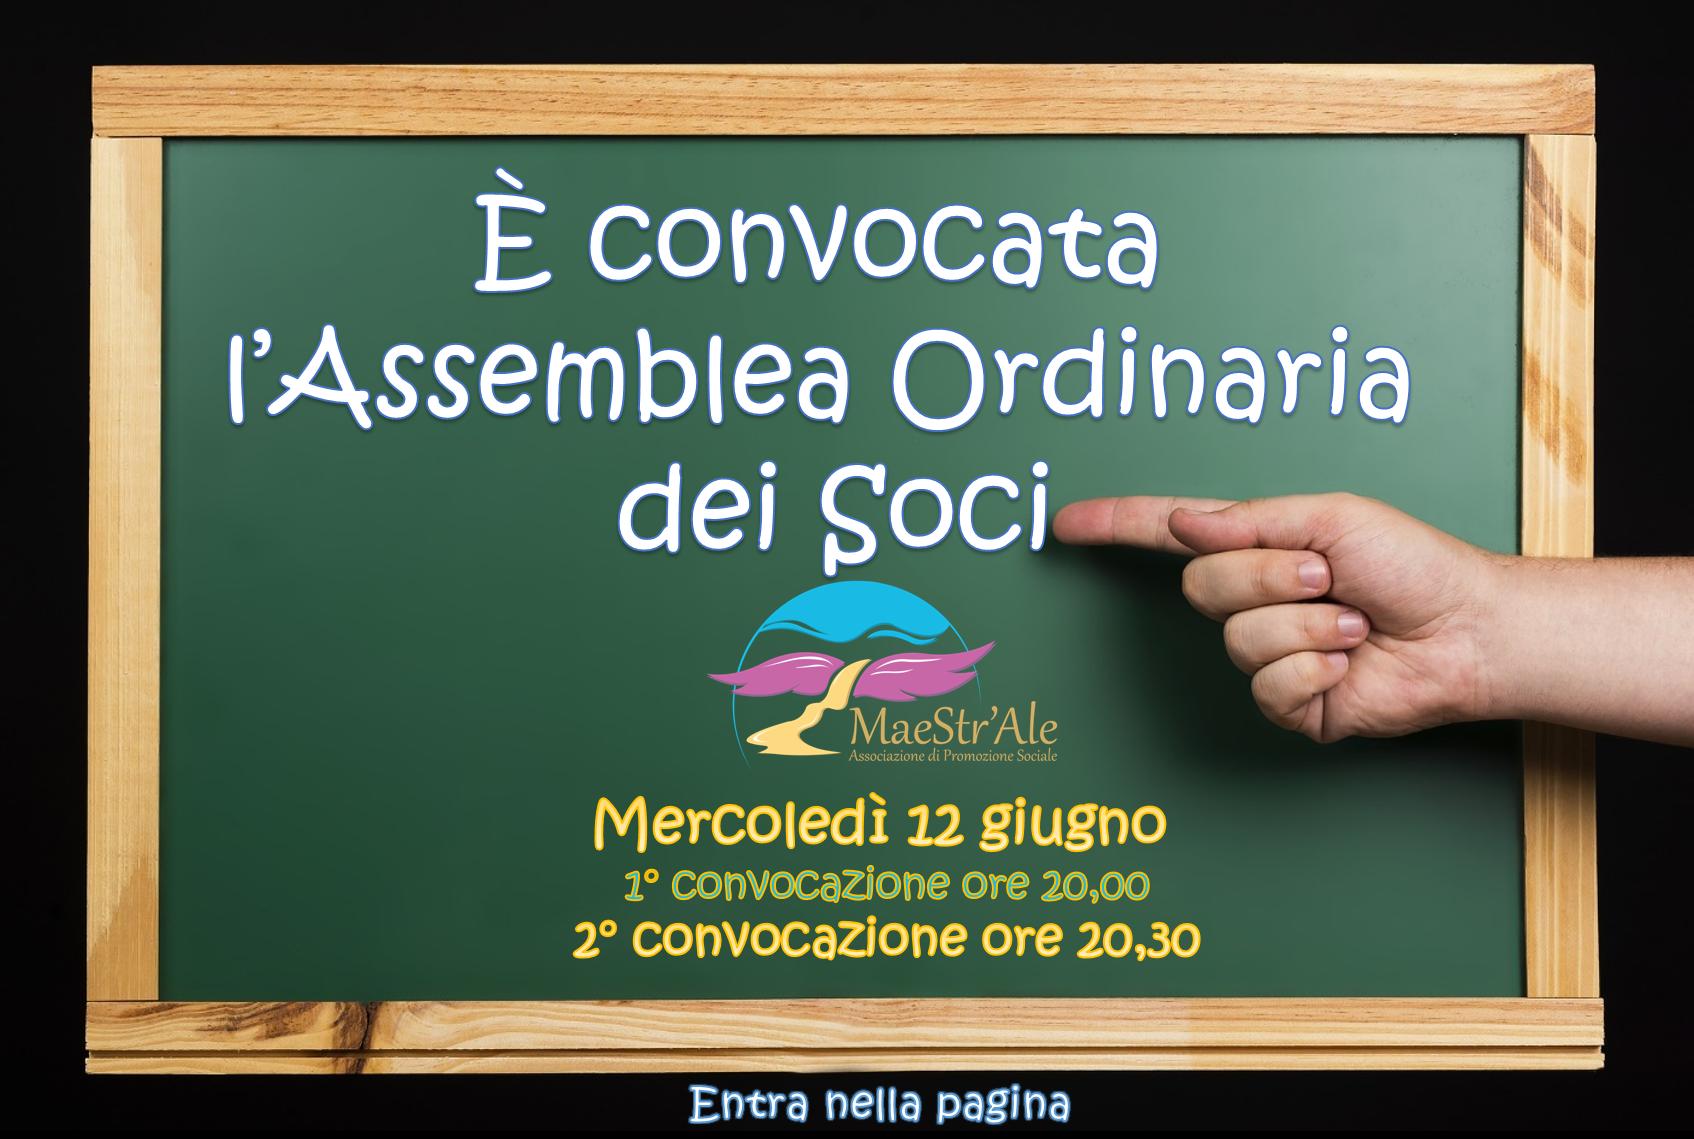 Assemblea Ordinaria 12 giugno 2019